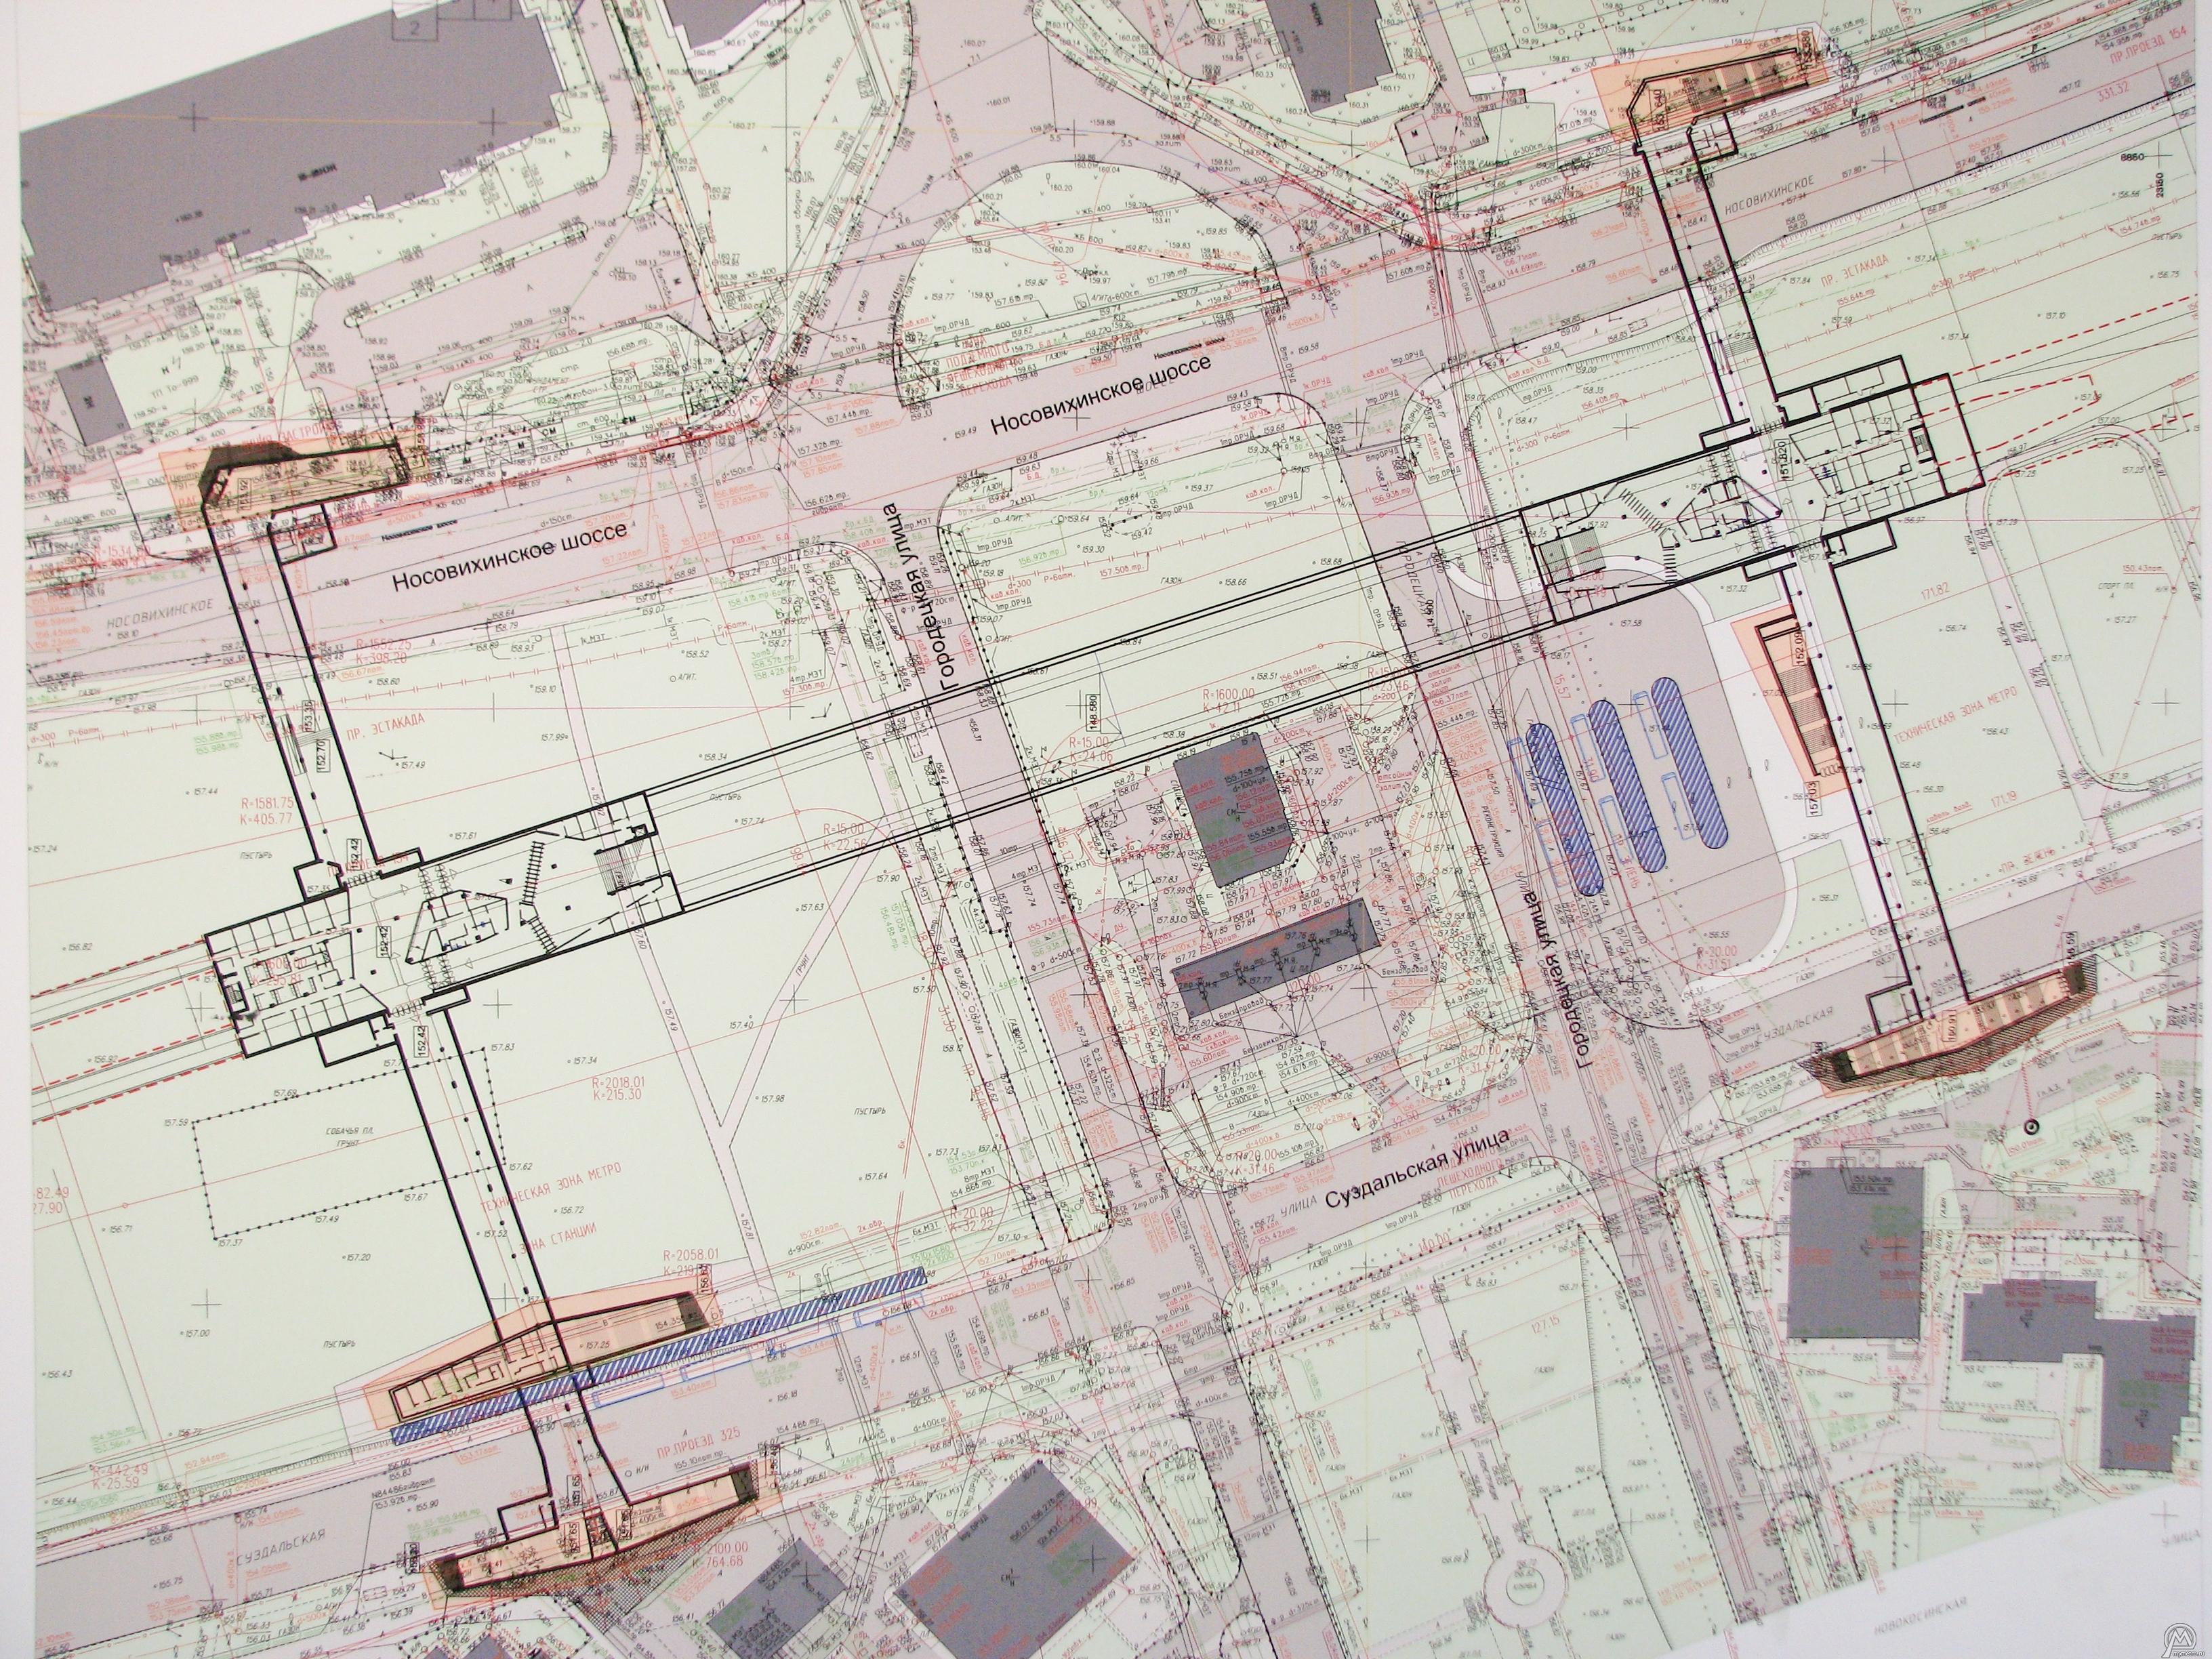 Синие полоски у восточного выхода это остановки автобусов/маршруток?  Схема станции Новокосино.